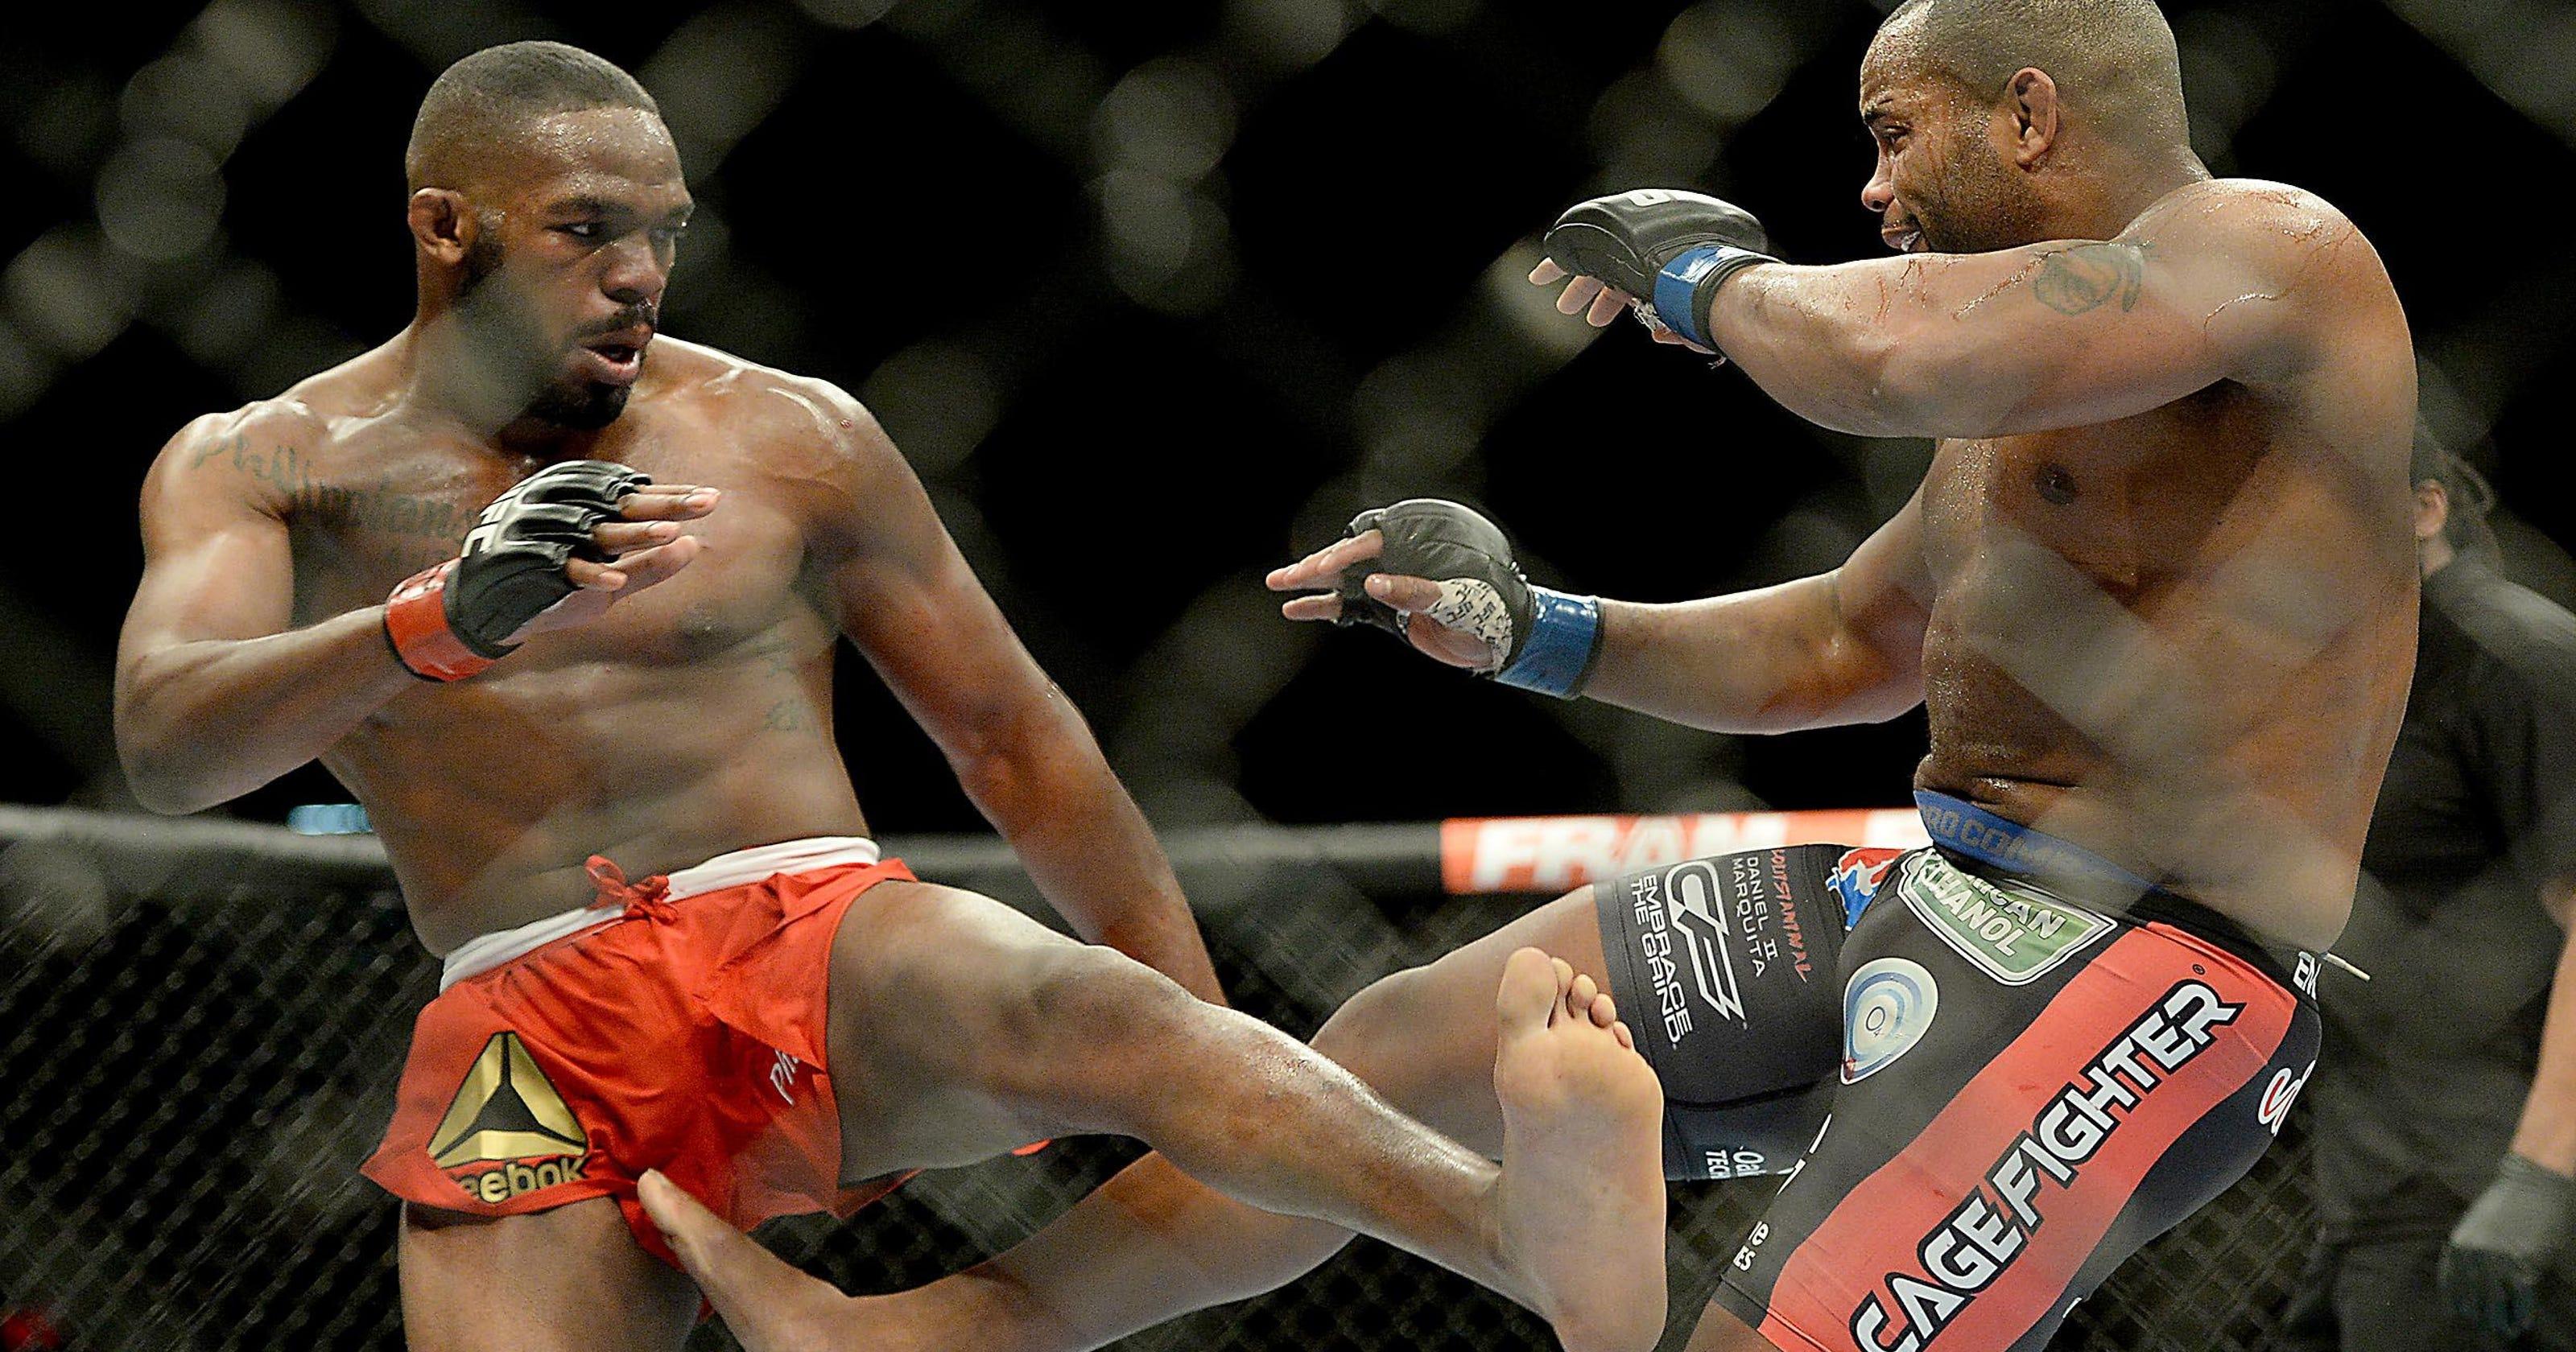 212d40ed WAR OF WORDS: Jones, Cormier in spat before UFC 214